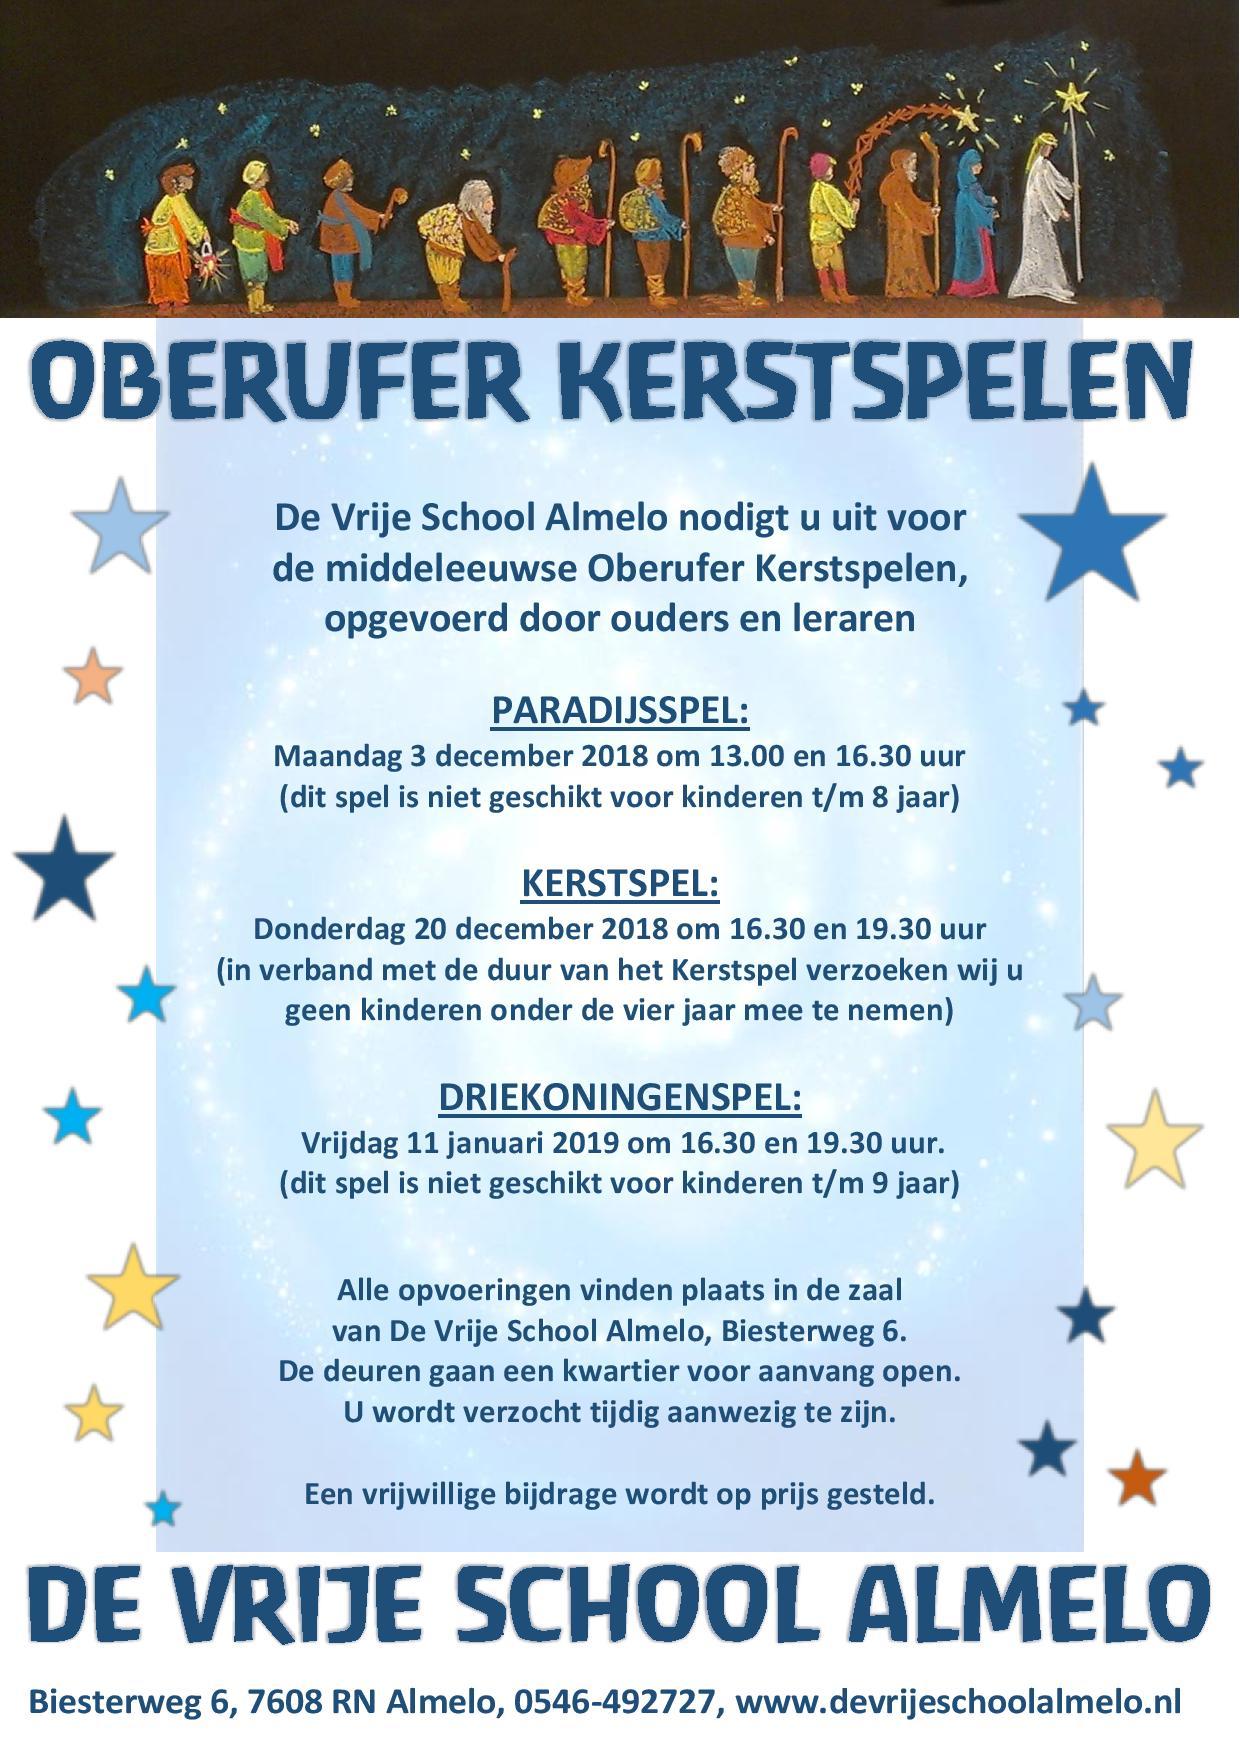 Kerstspelen op De Vrije School Almelo.